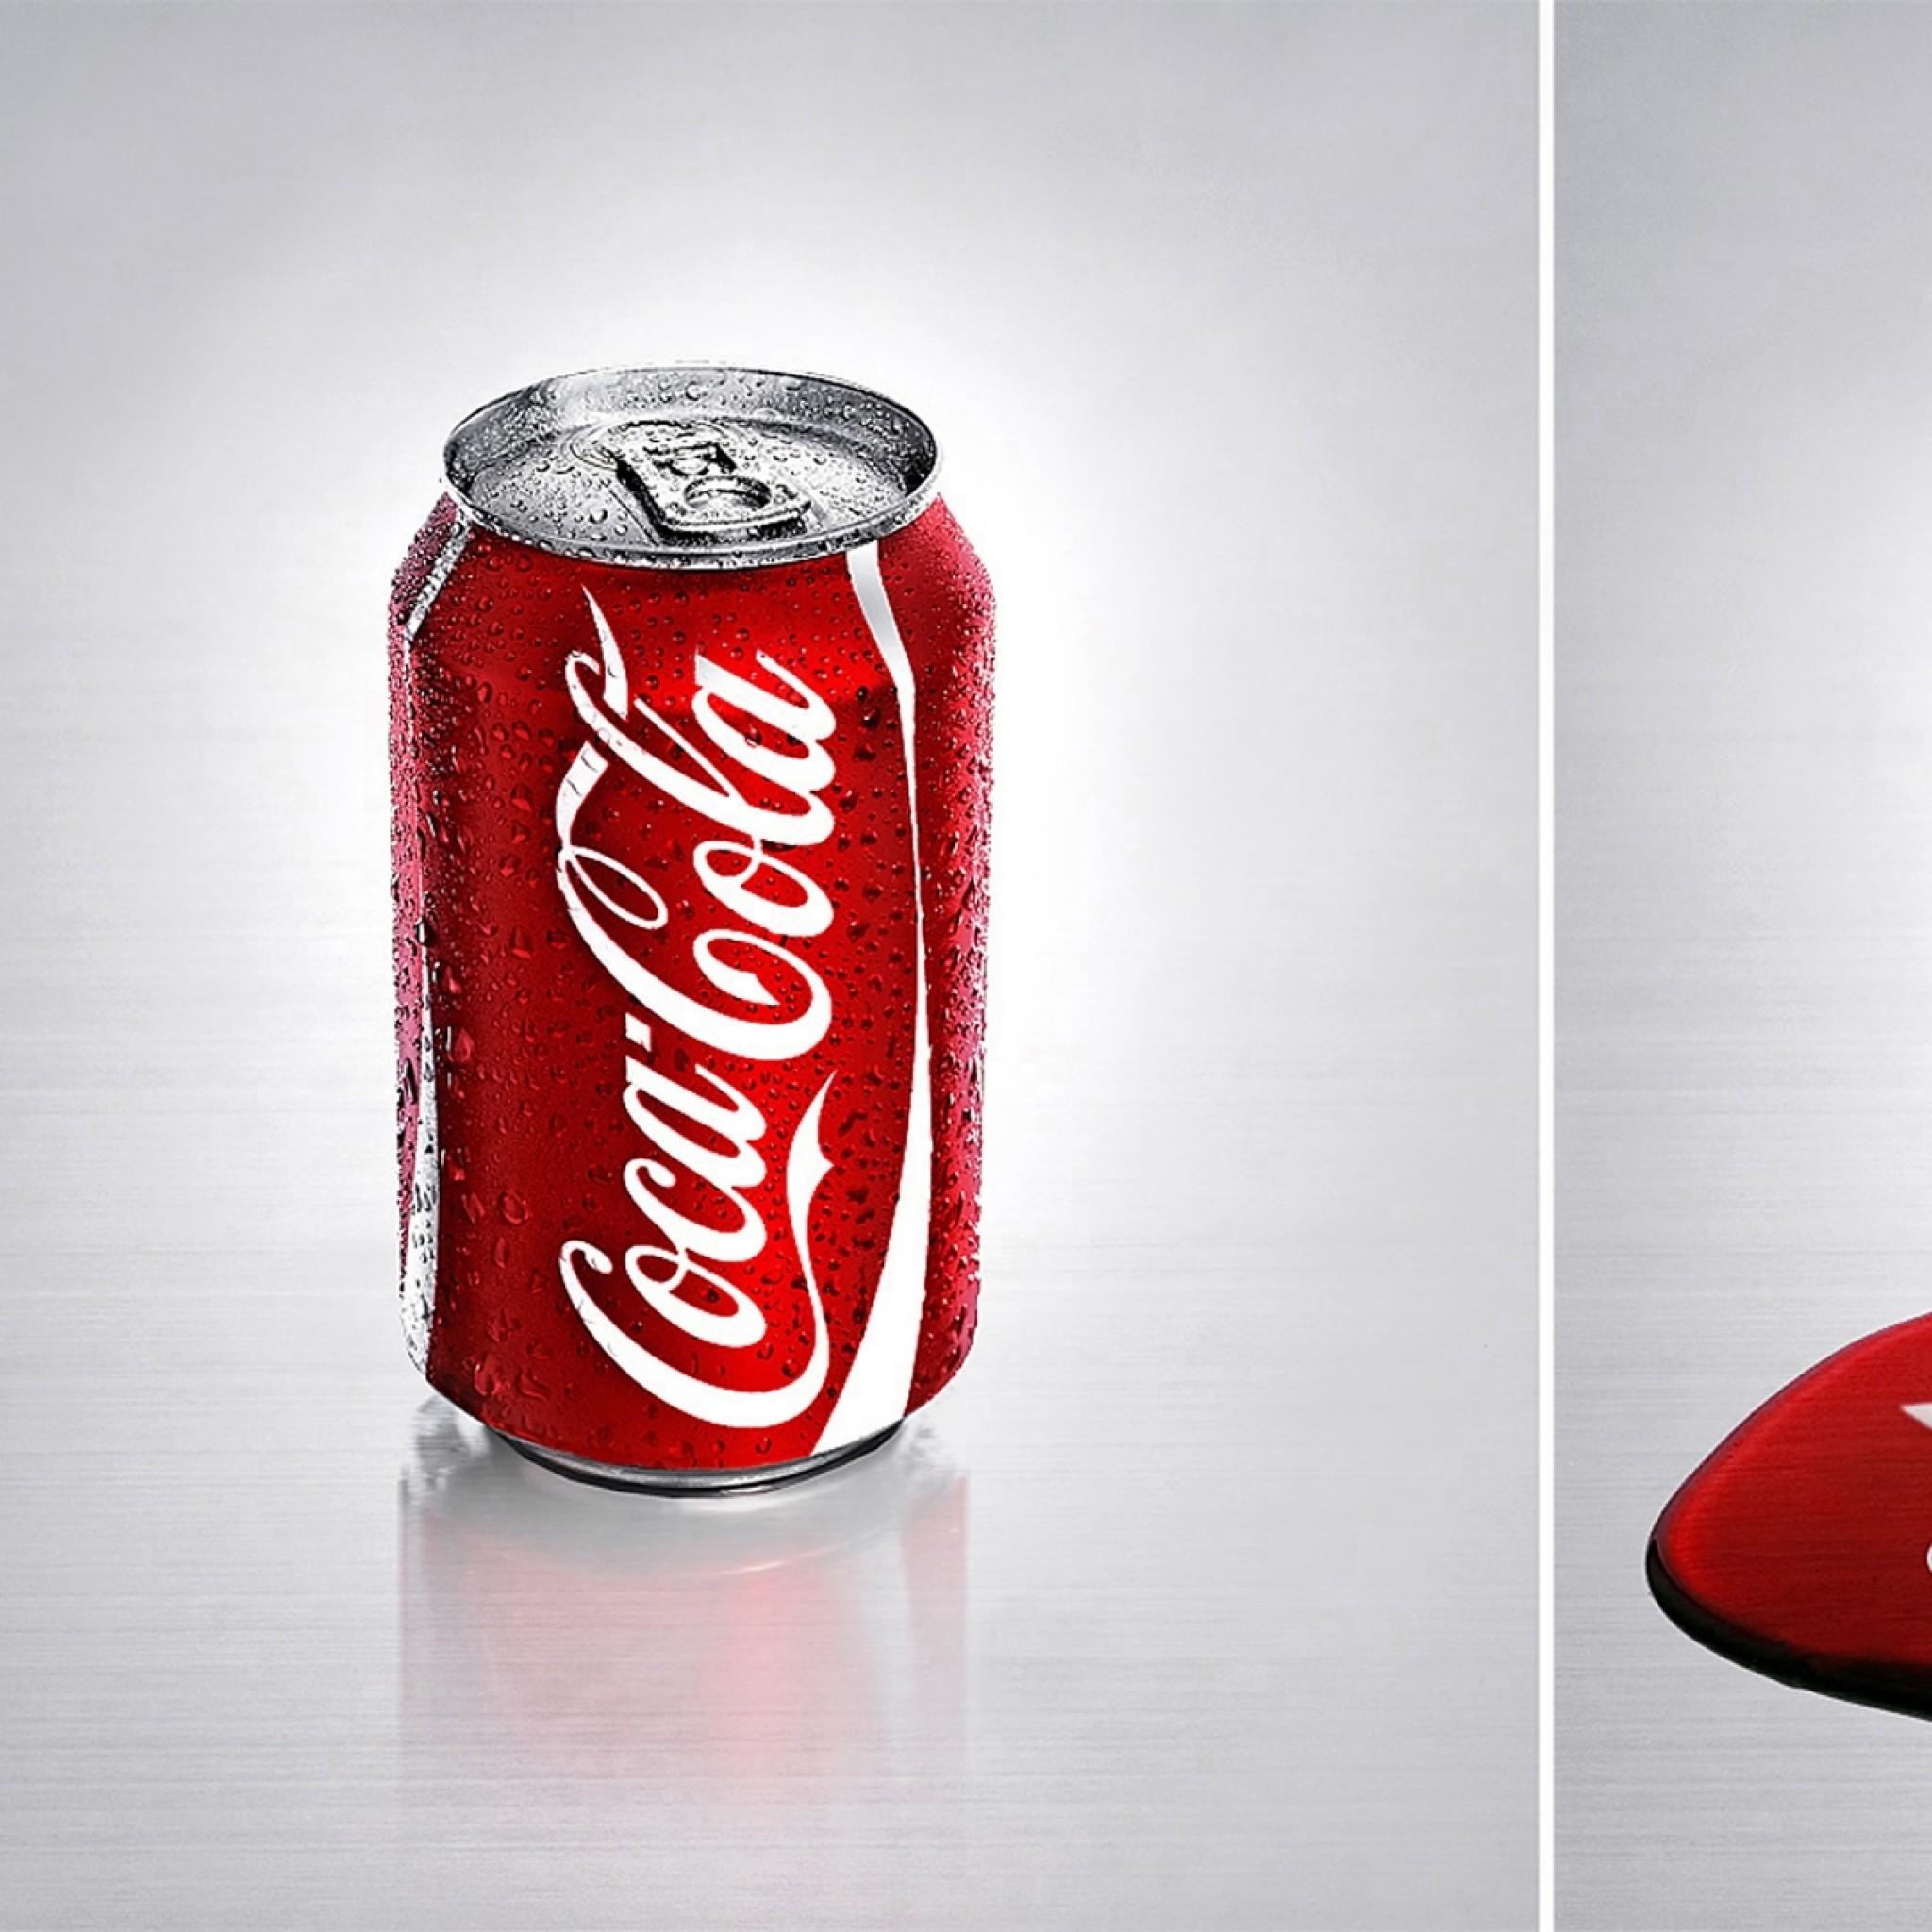 Coca Cola Wallpaper Desktop (69+ images)